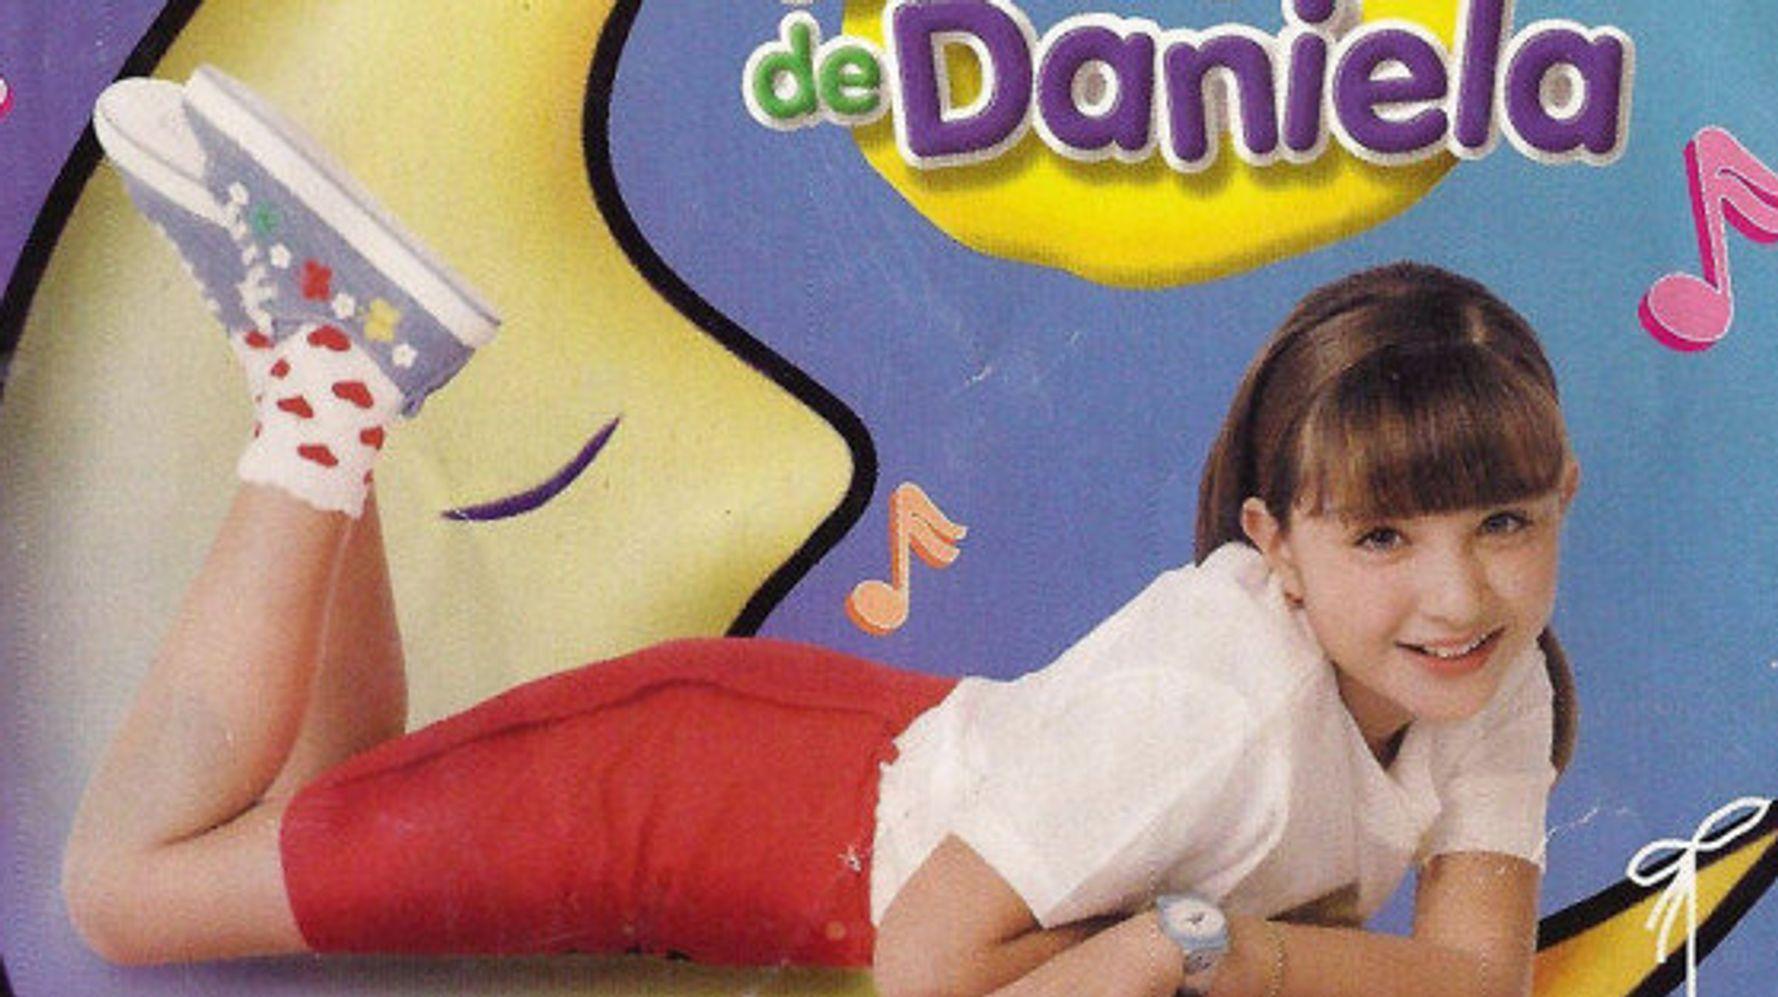 Amy, Serafim e Diário: Cinco novelas infantis que o SBT poderia fazer remake